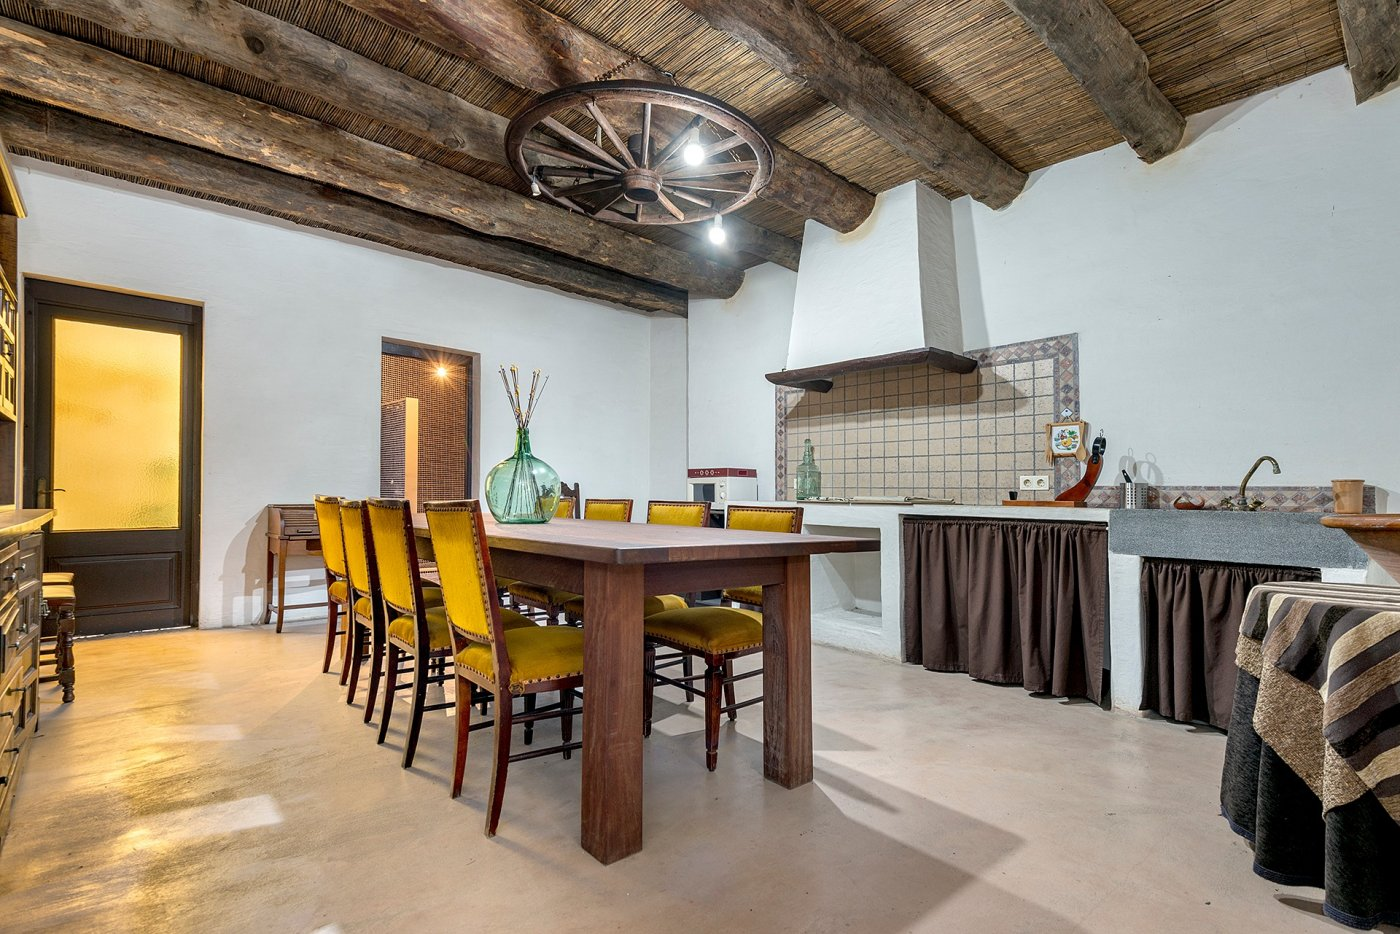 Gran vivienda totalmente reformada en pleno centro de manacor - imagenInmueble6